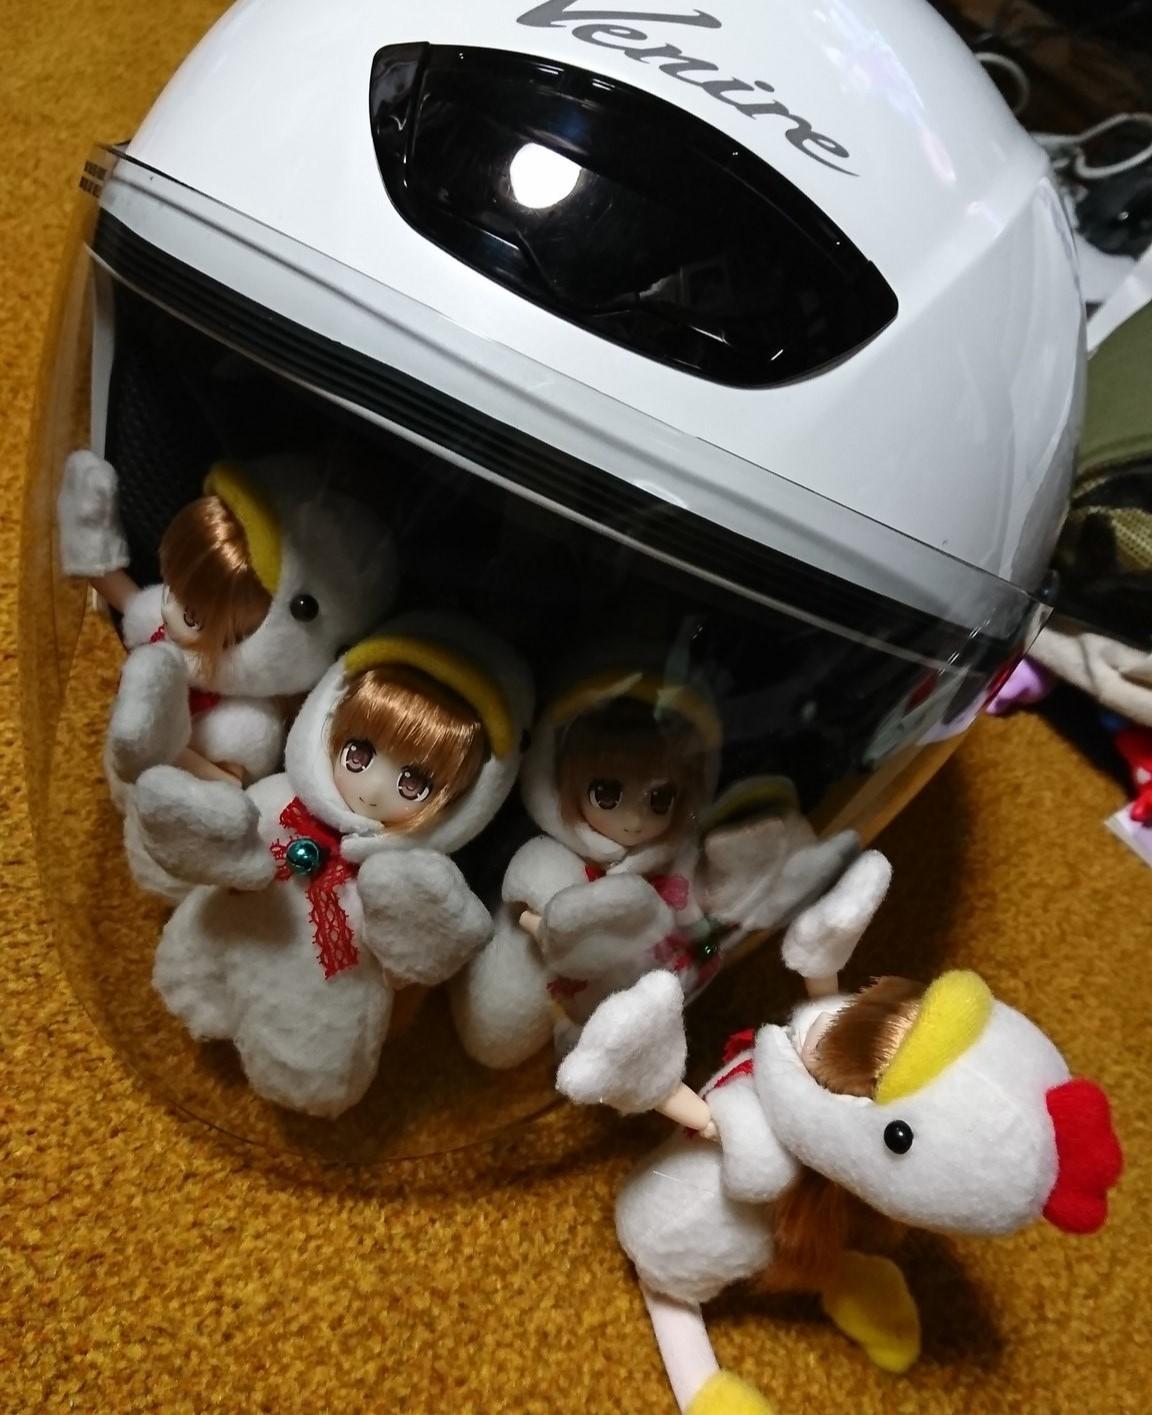 ドールオーナーと休日を楽しく過ごすトリたち,ツーリング,ヘルメット